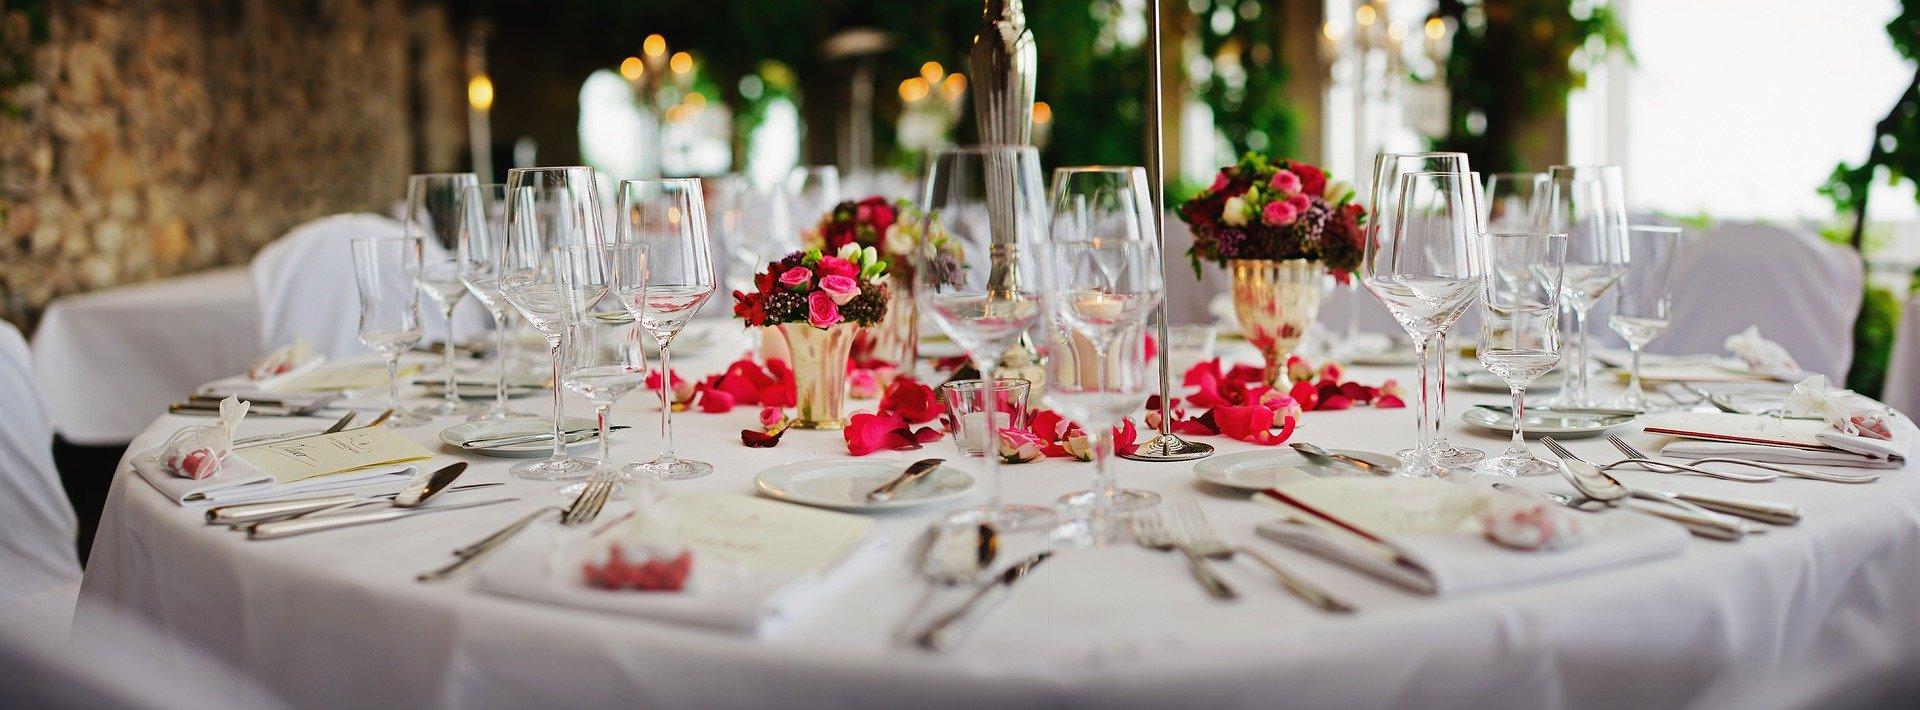 pixabay_restaurant-2697945_1920